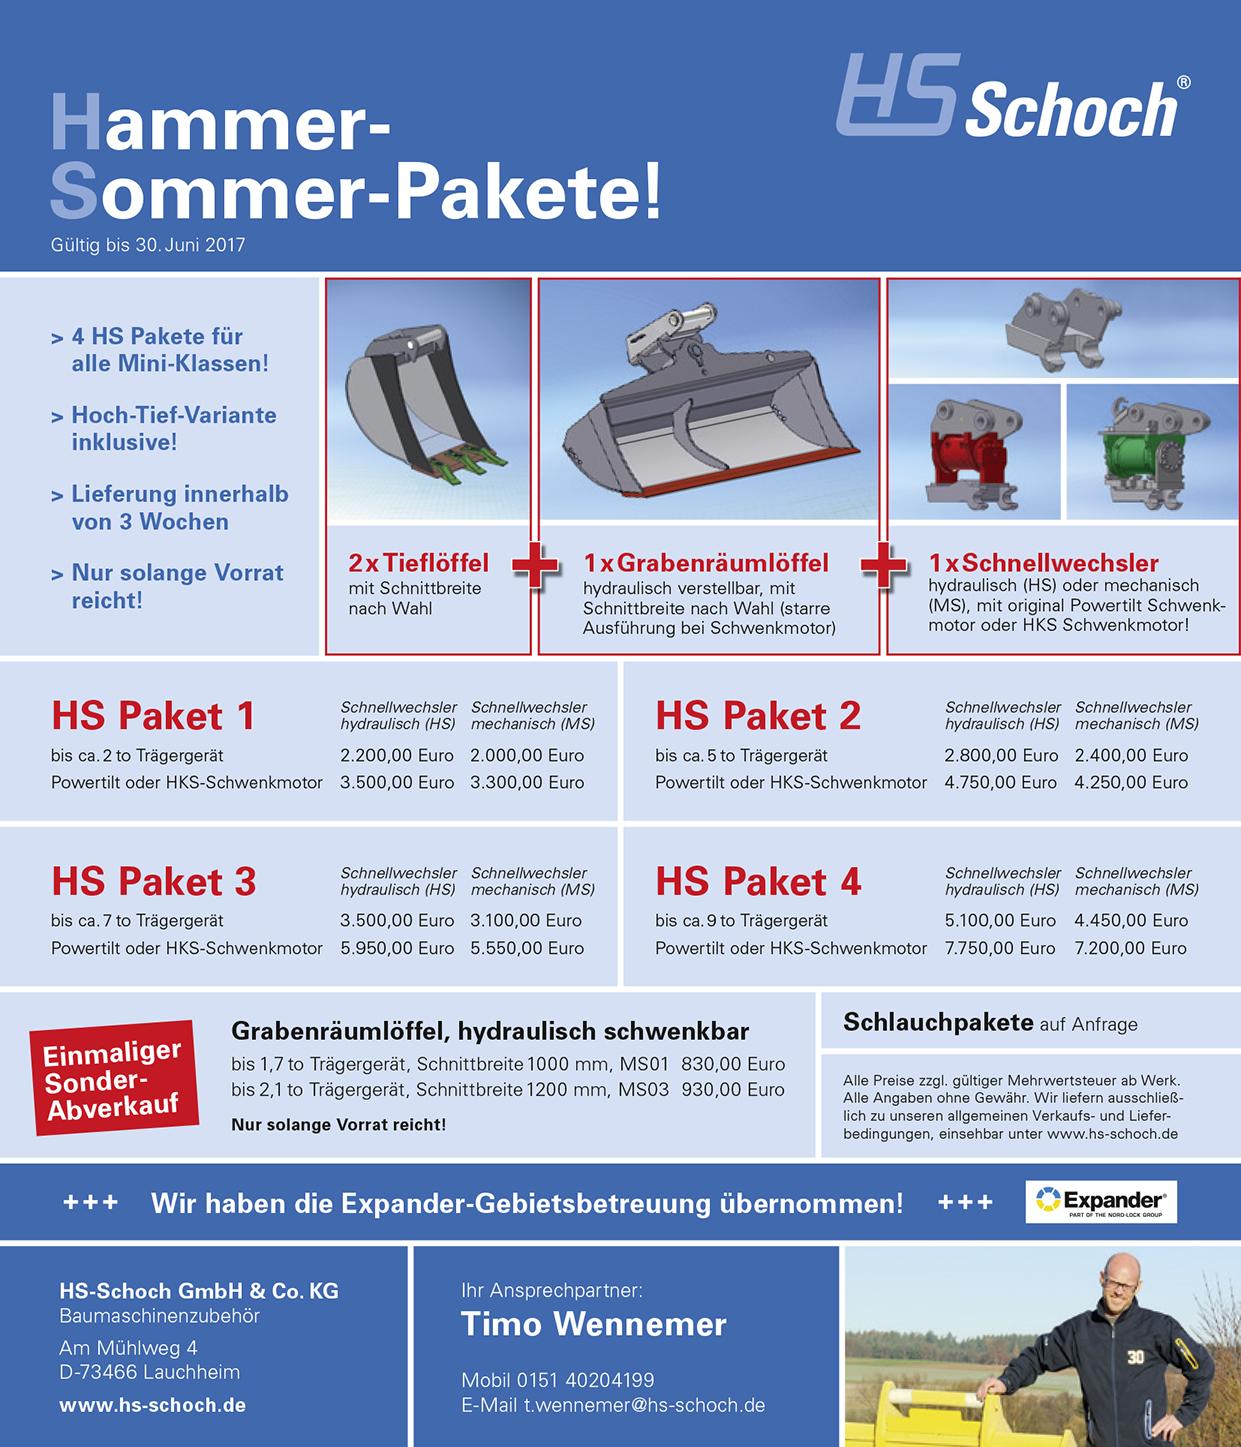 schoch-bauma-mailing-05 2017-sommer-pakete-LH-wennemer